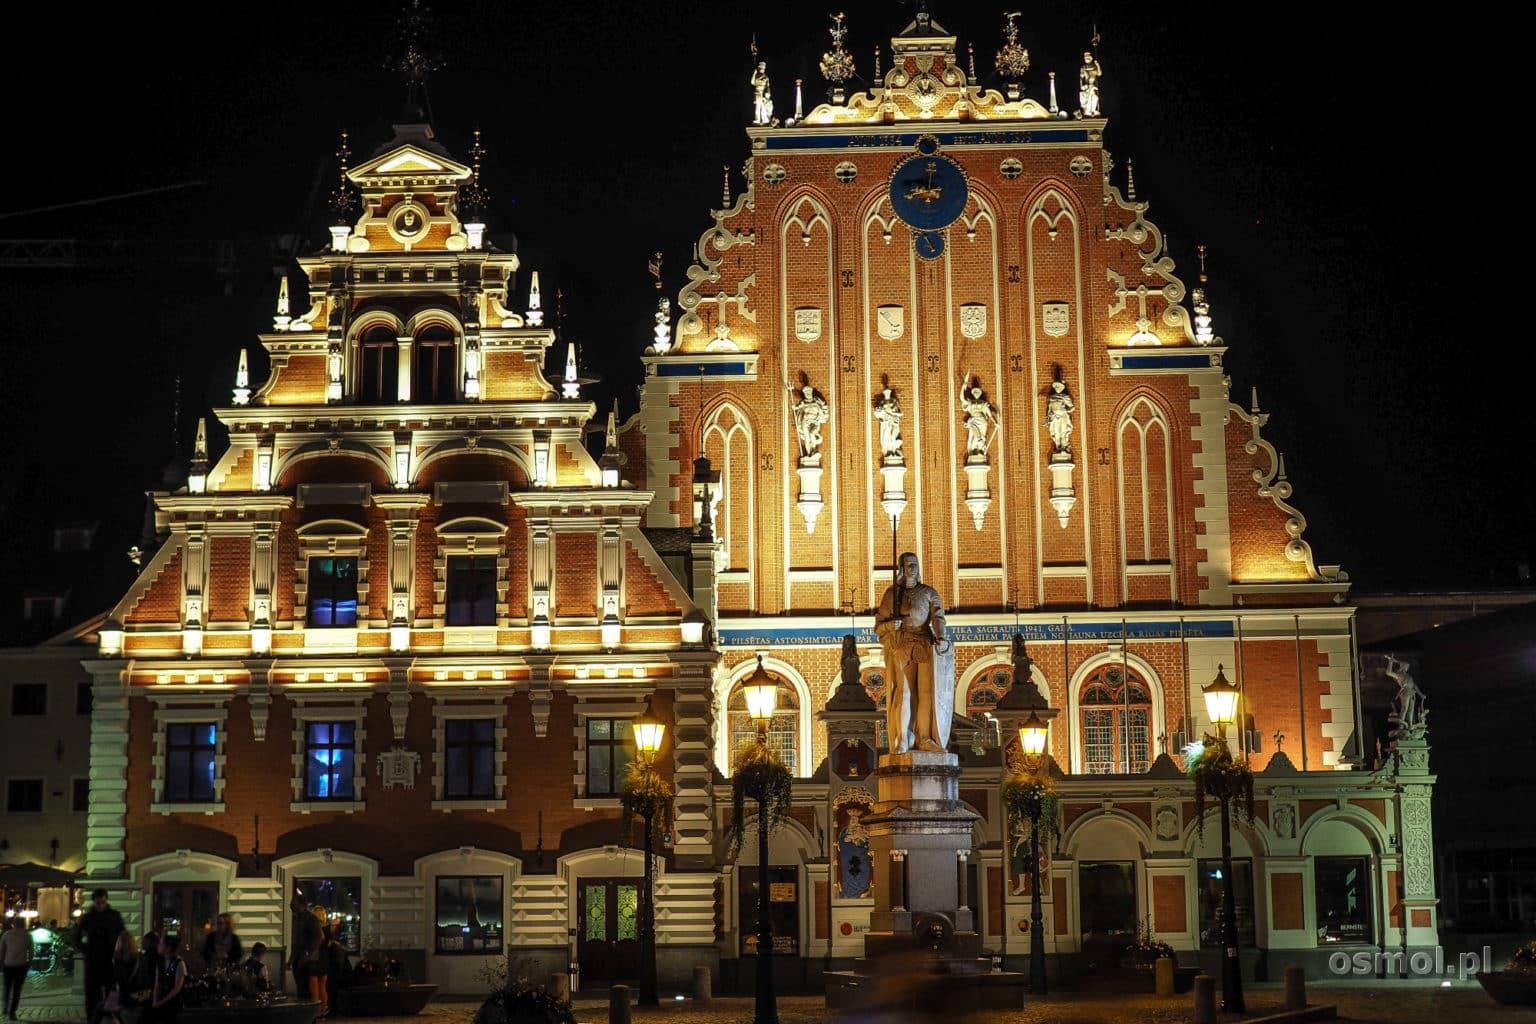 Dom Bractwa Czarnogłowych nocą